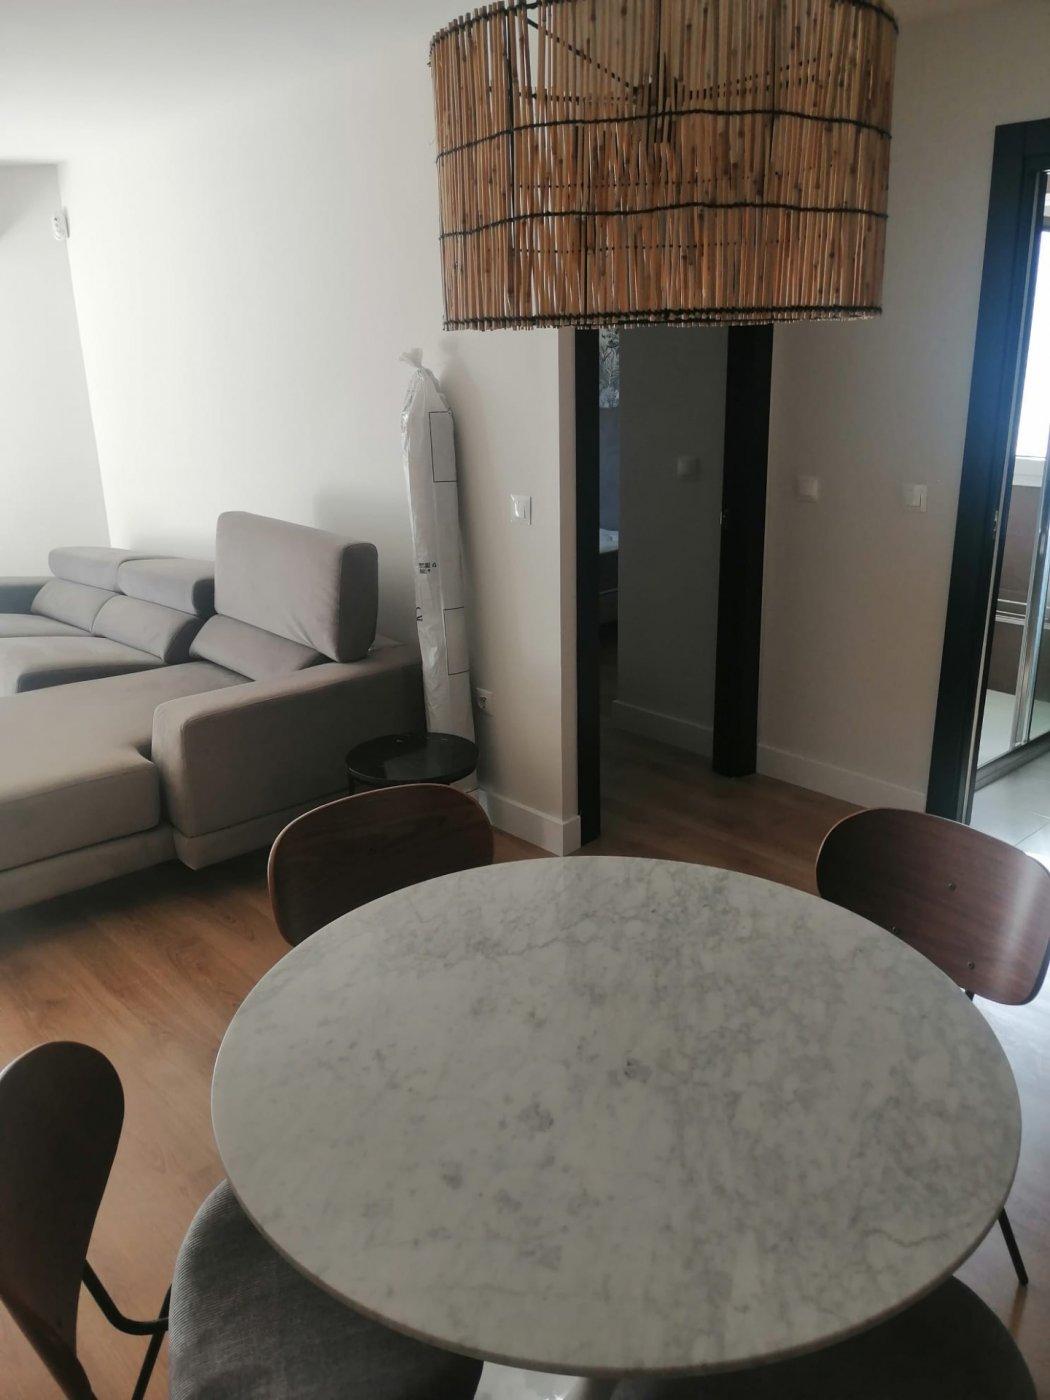 Apartamento 2 dormitorios en la cariihuela - imagenInmueble3